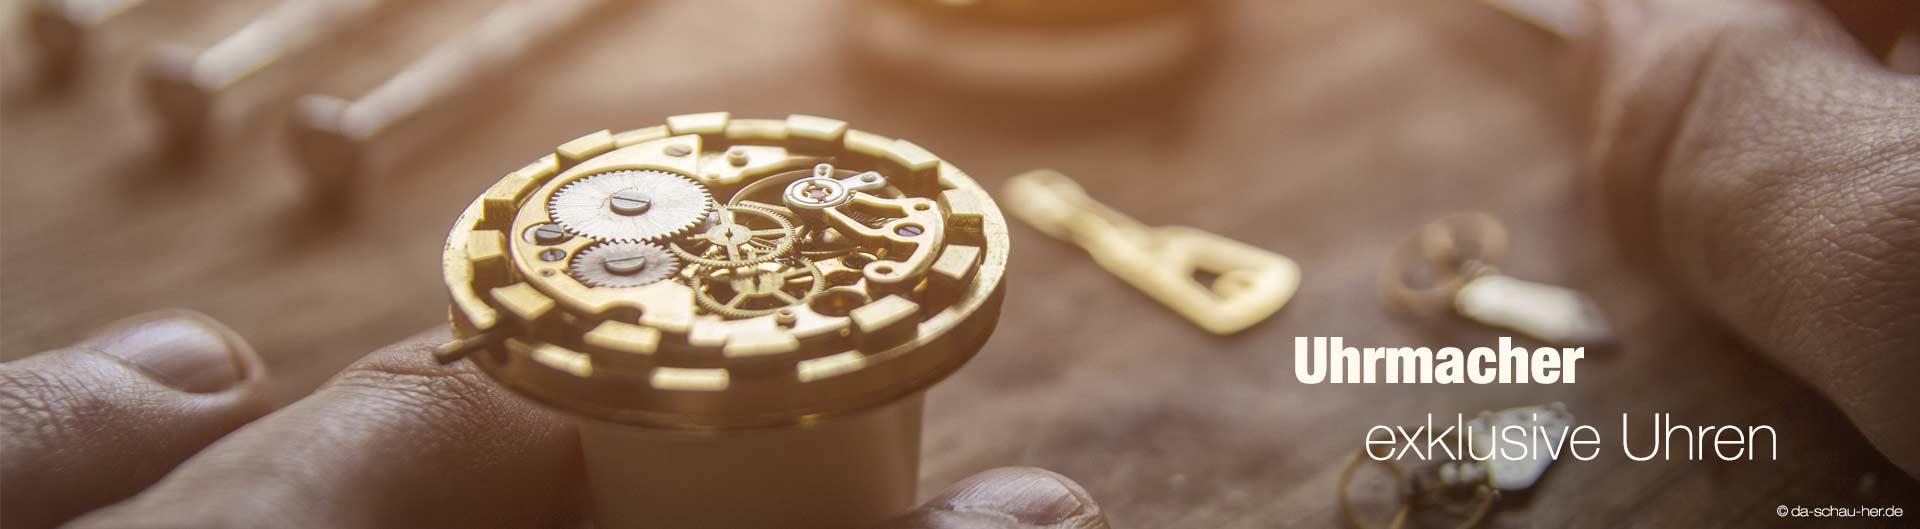 Uhrmacher in München Uhren Reparatur | da schau